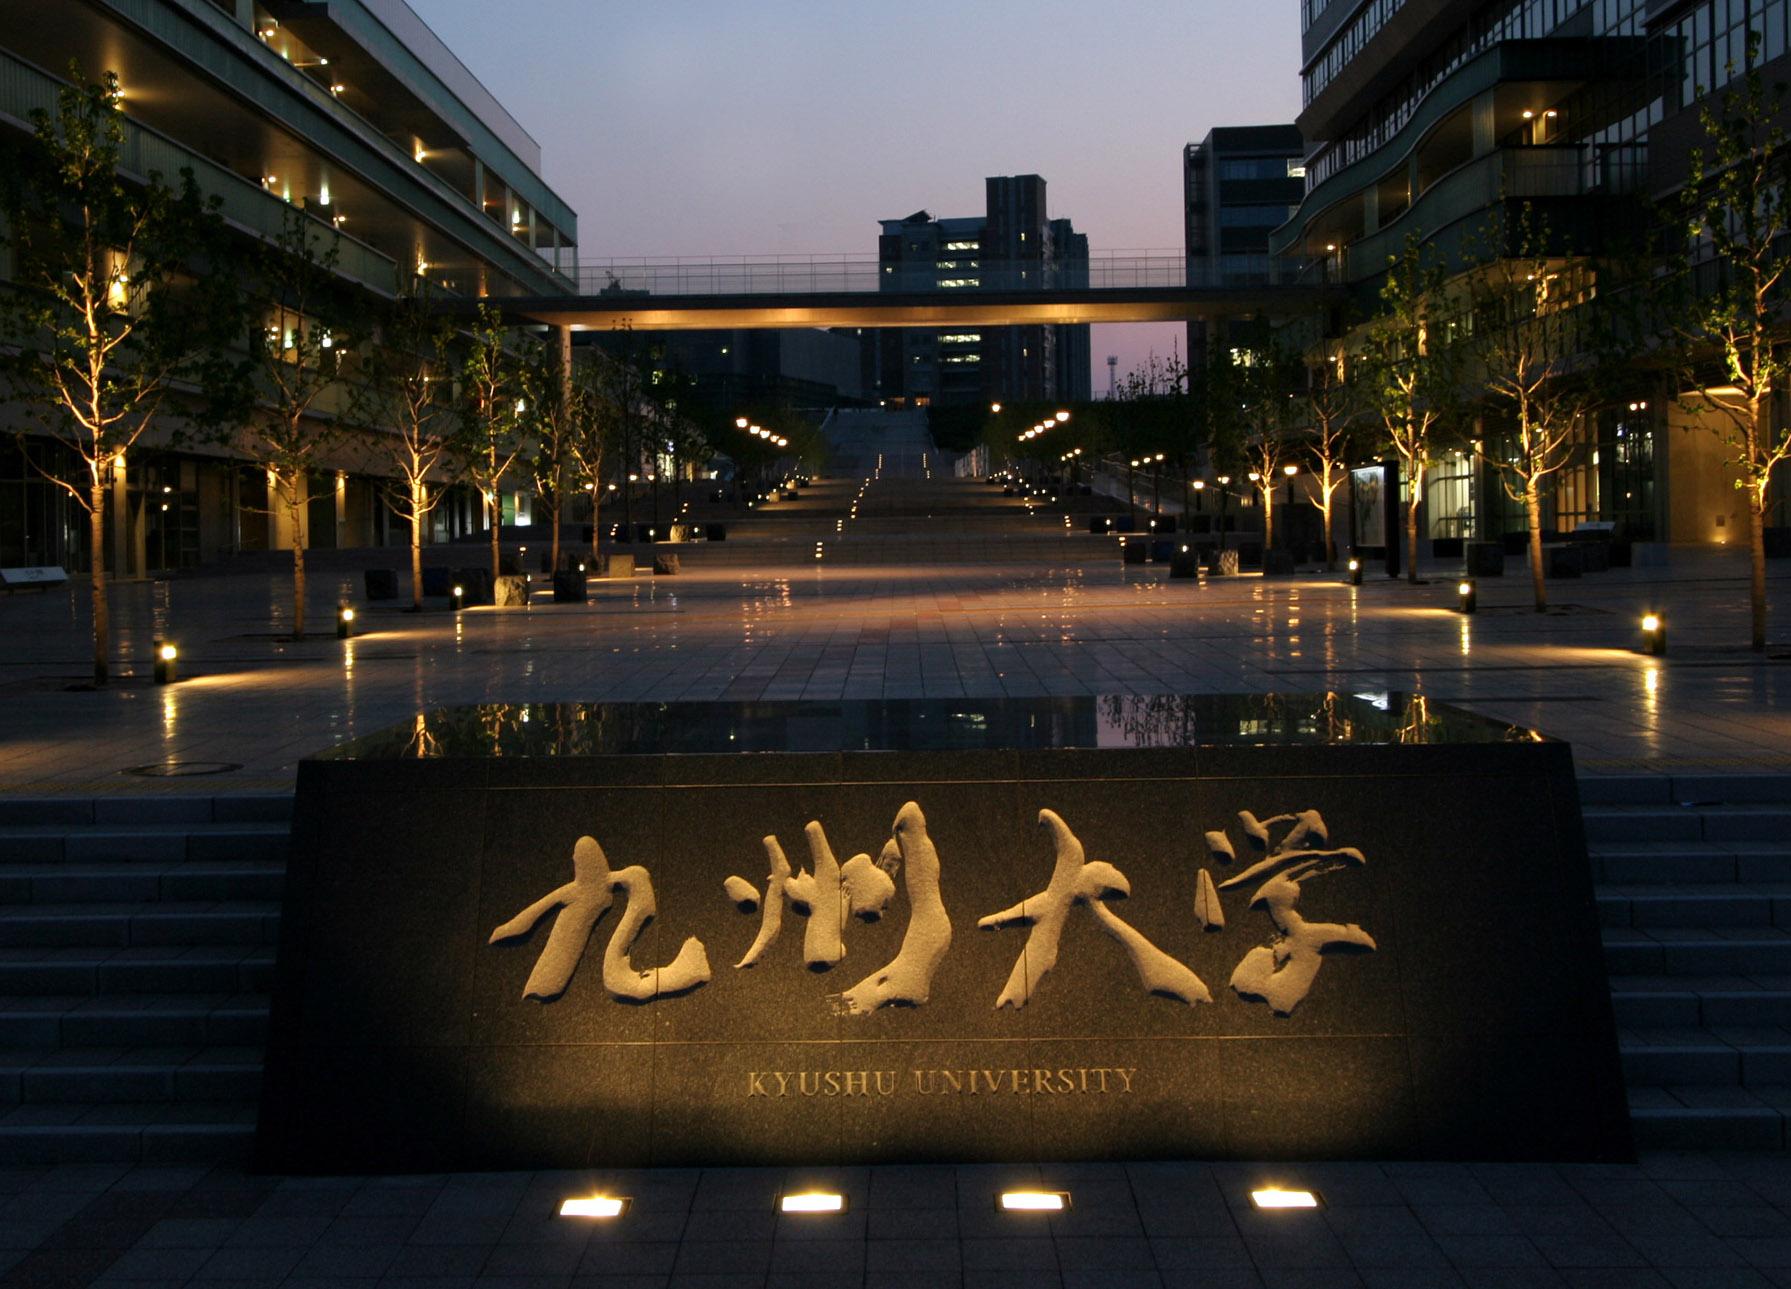 九州大学 / Kyushu University